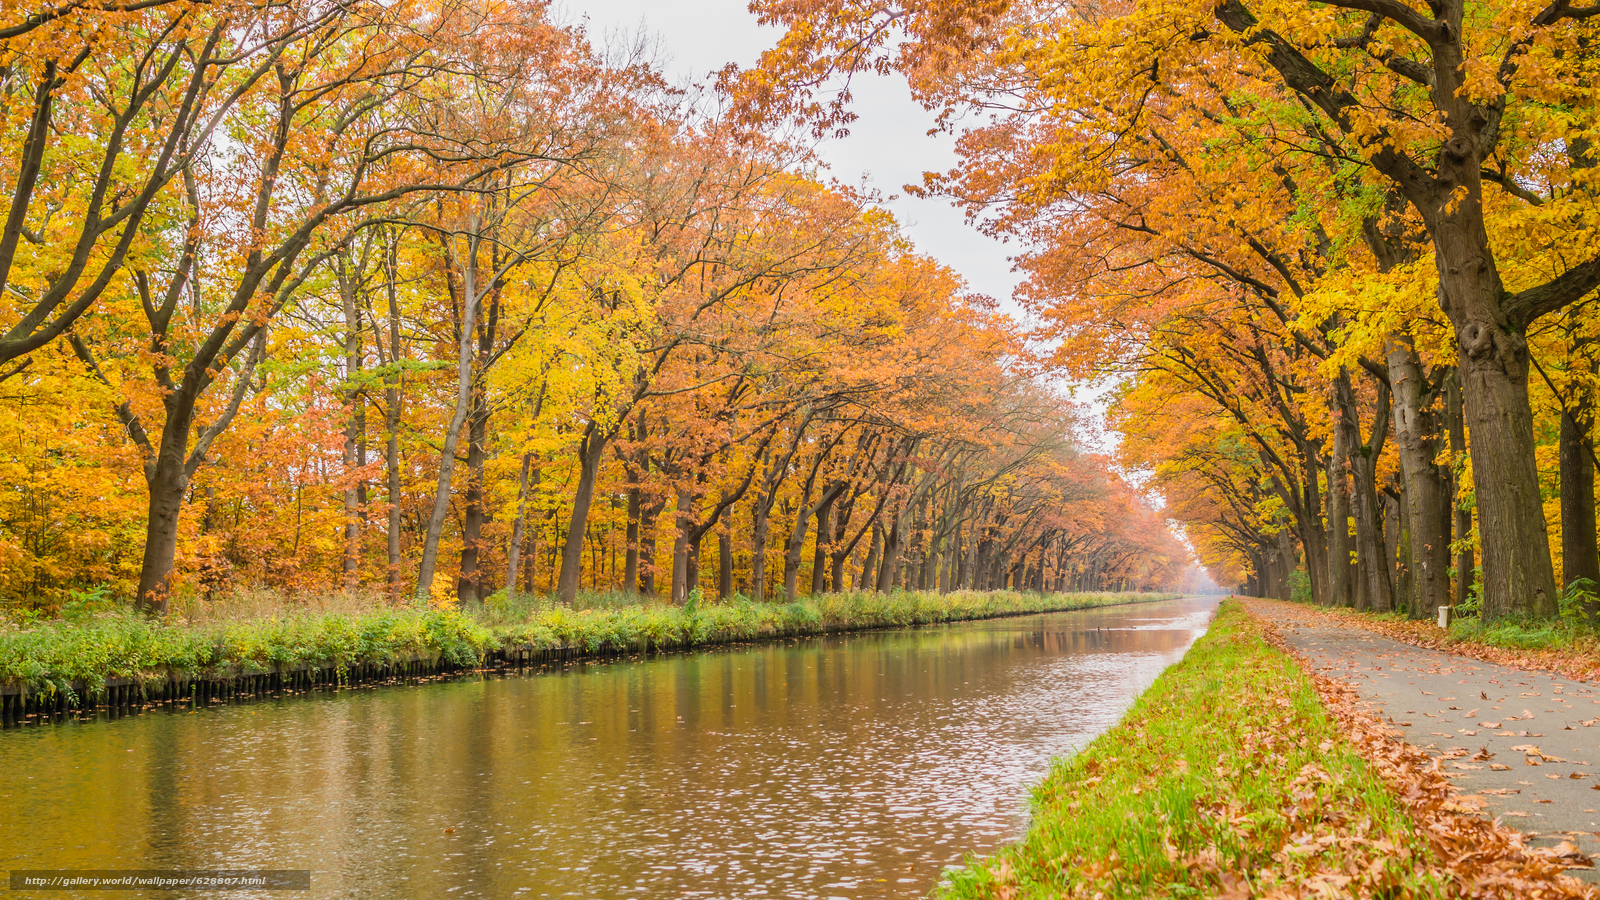 estrada, ?rvores, canal, paisagem, outono